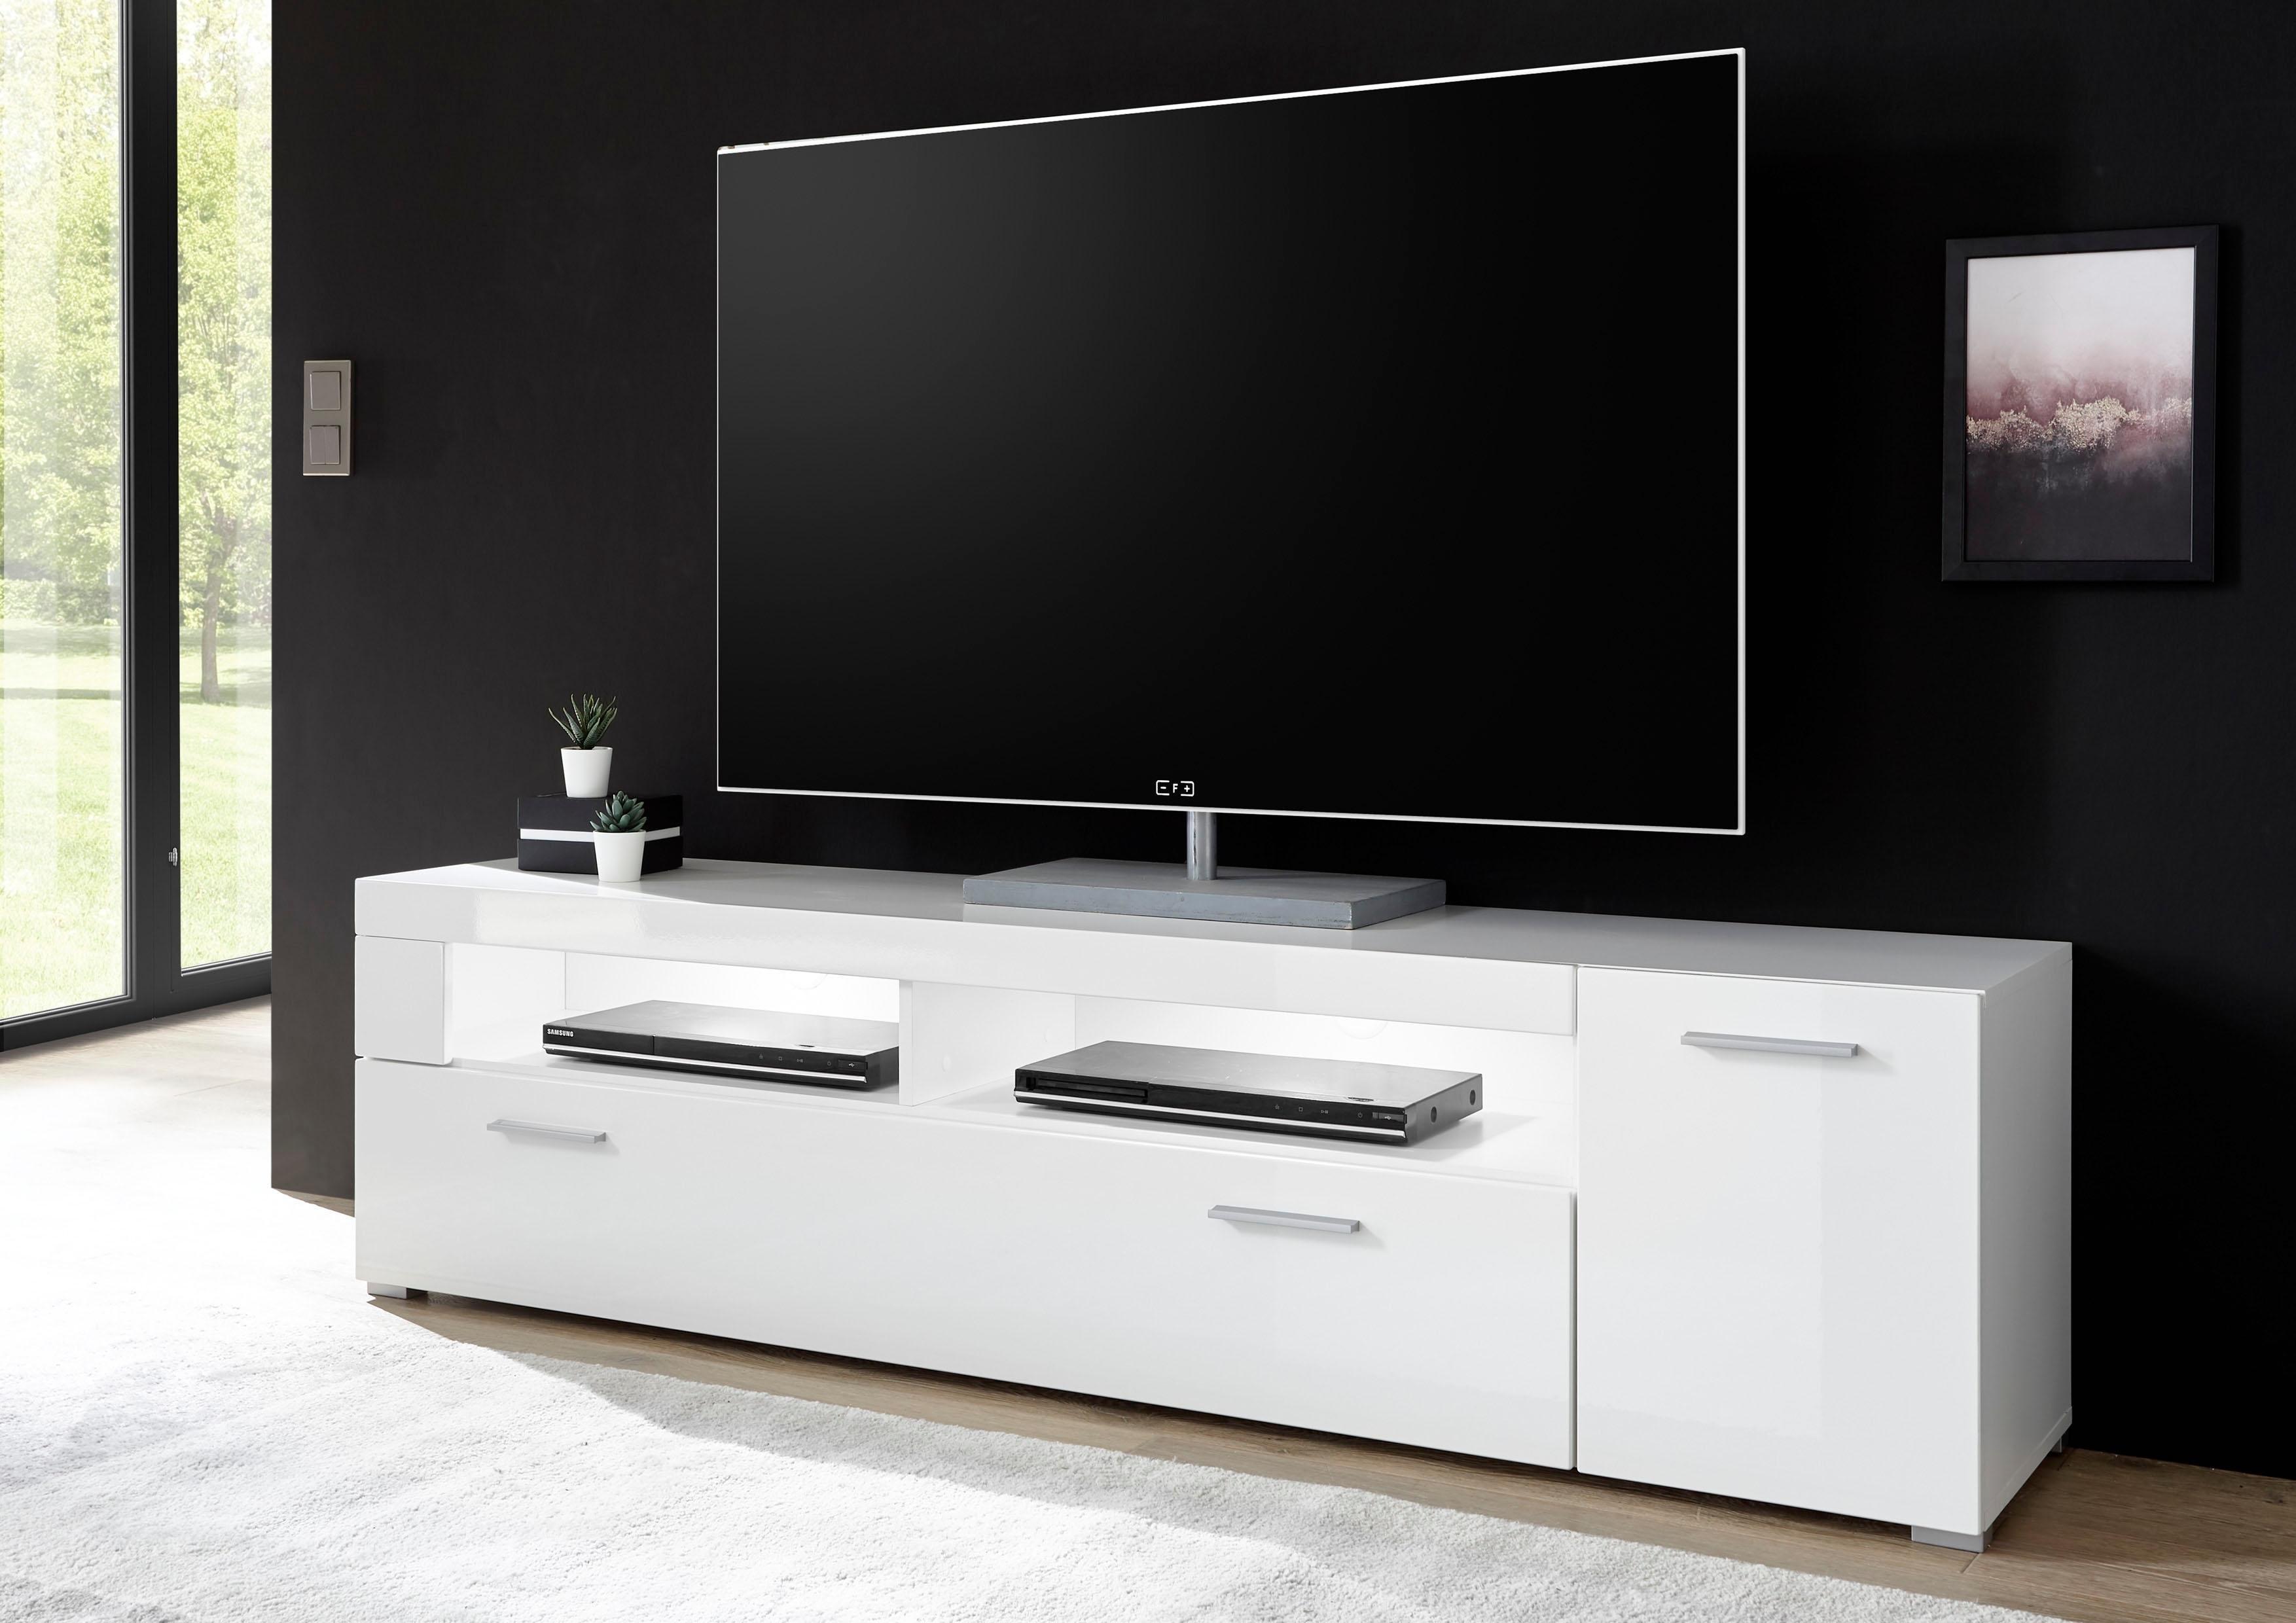 INOSIGN tv-meubel Corado goedkoop op otto.nl kopen